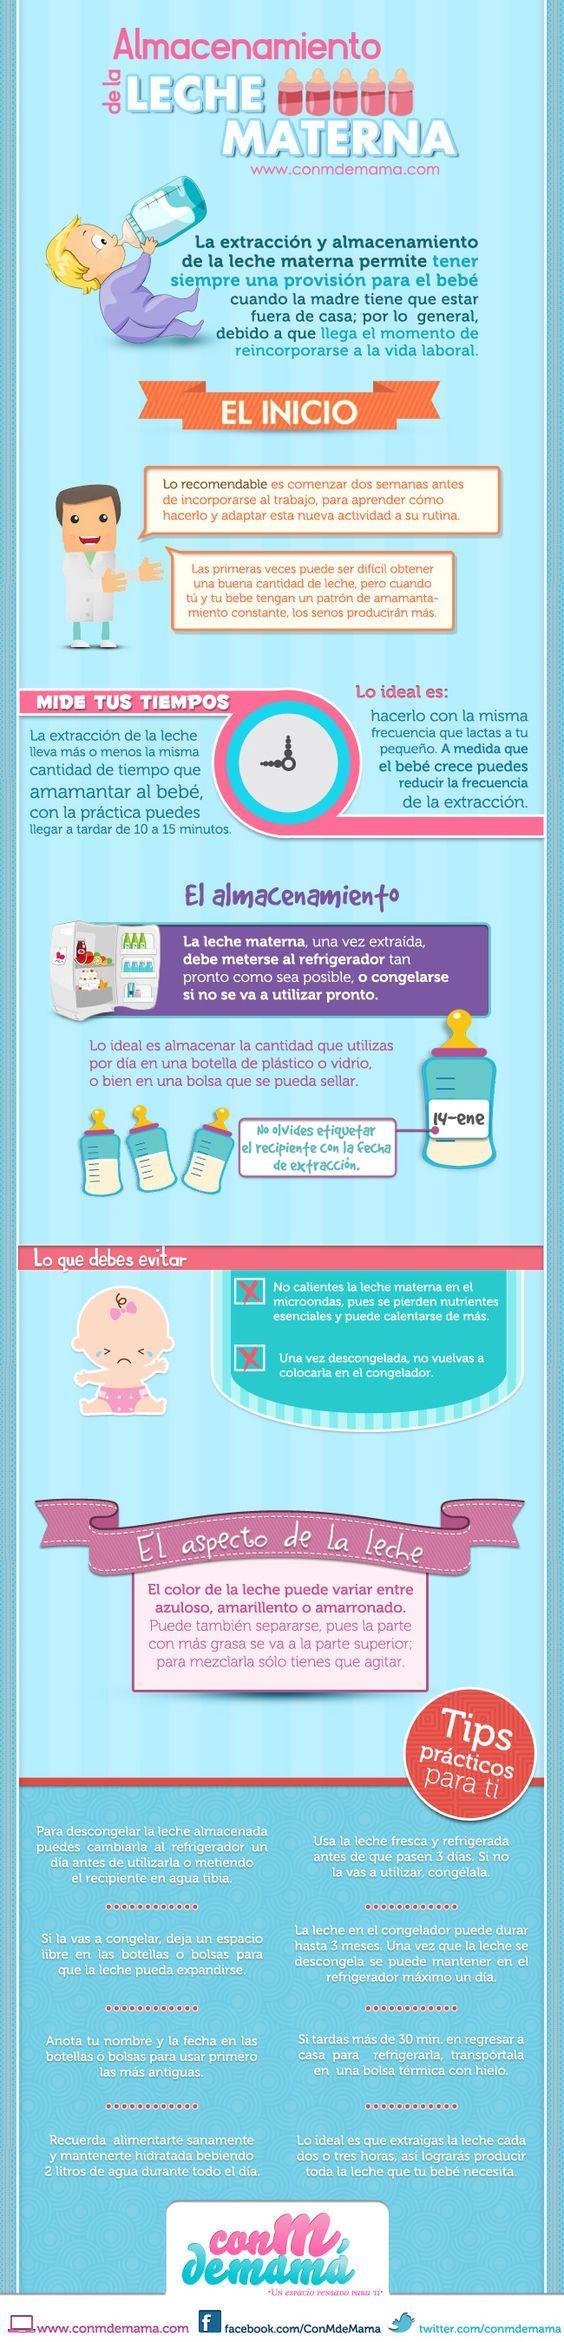 Consejos para un buen almacenamiento de la leche materna.